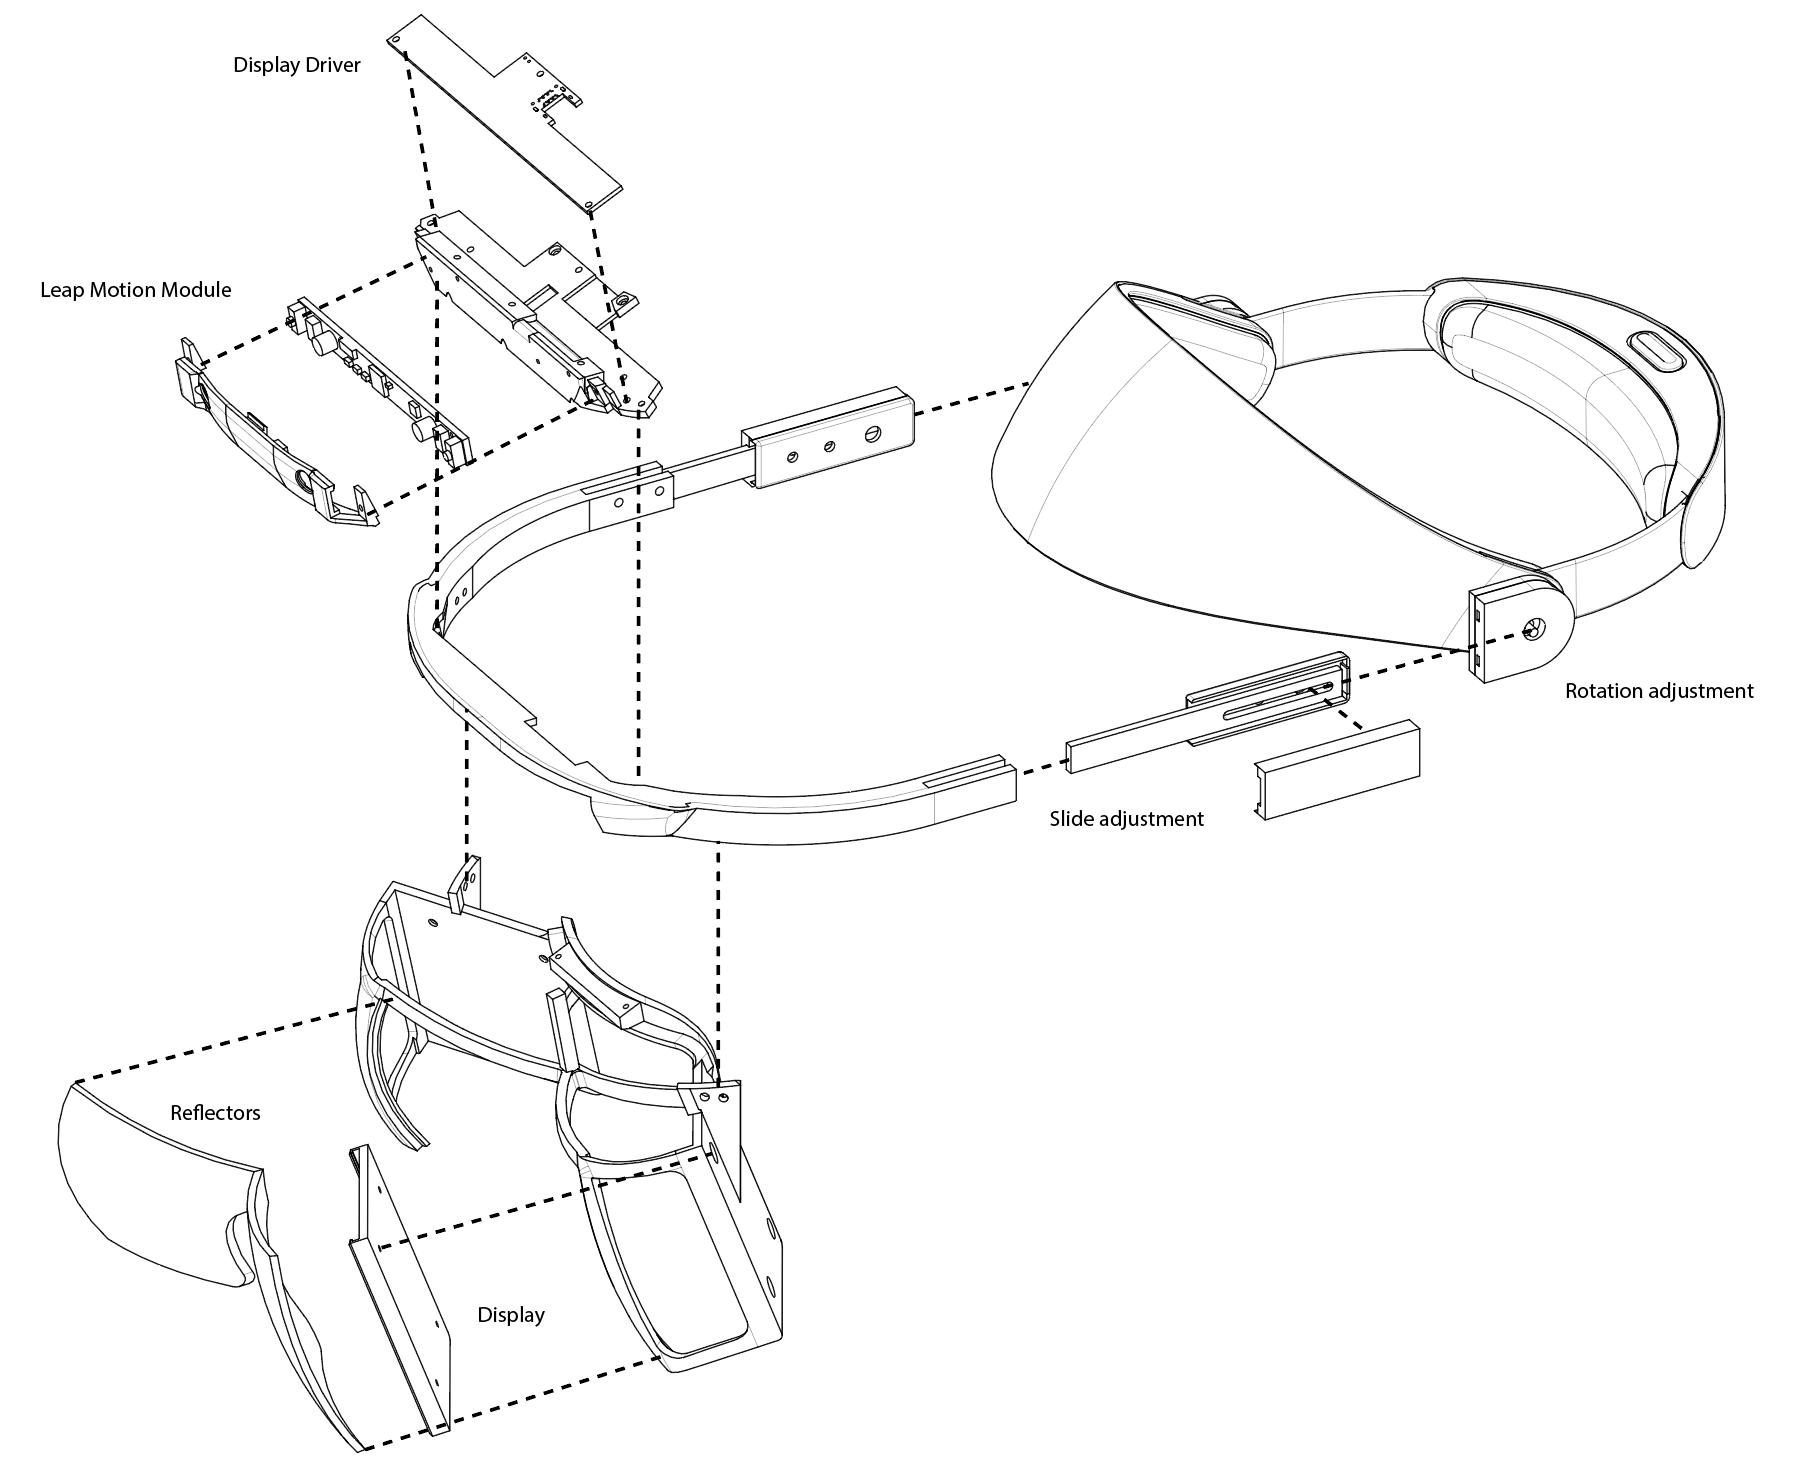 Die Bauteile der Leap Motion AR-Brille - übersichtlich. Bild: Leap Motion